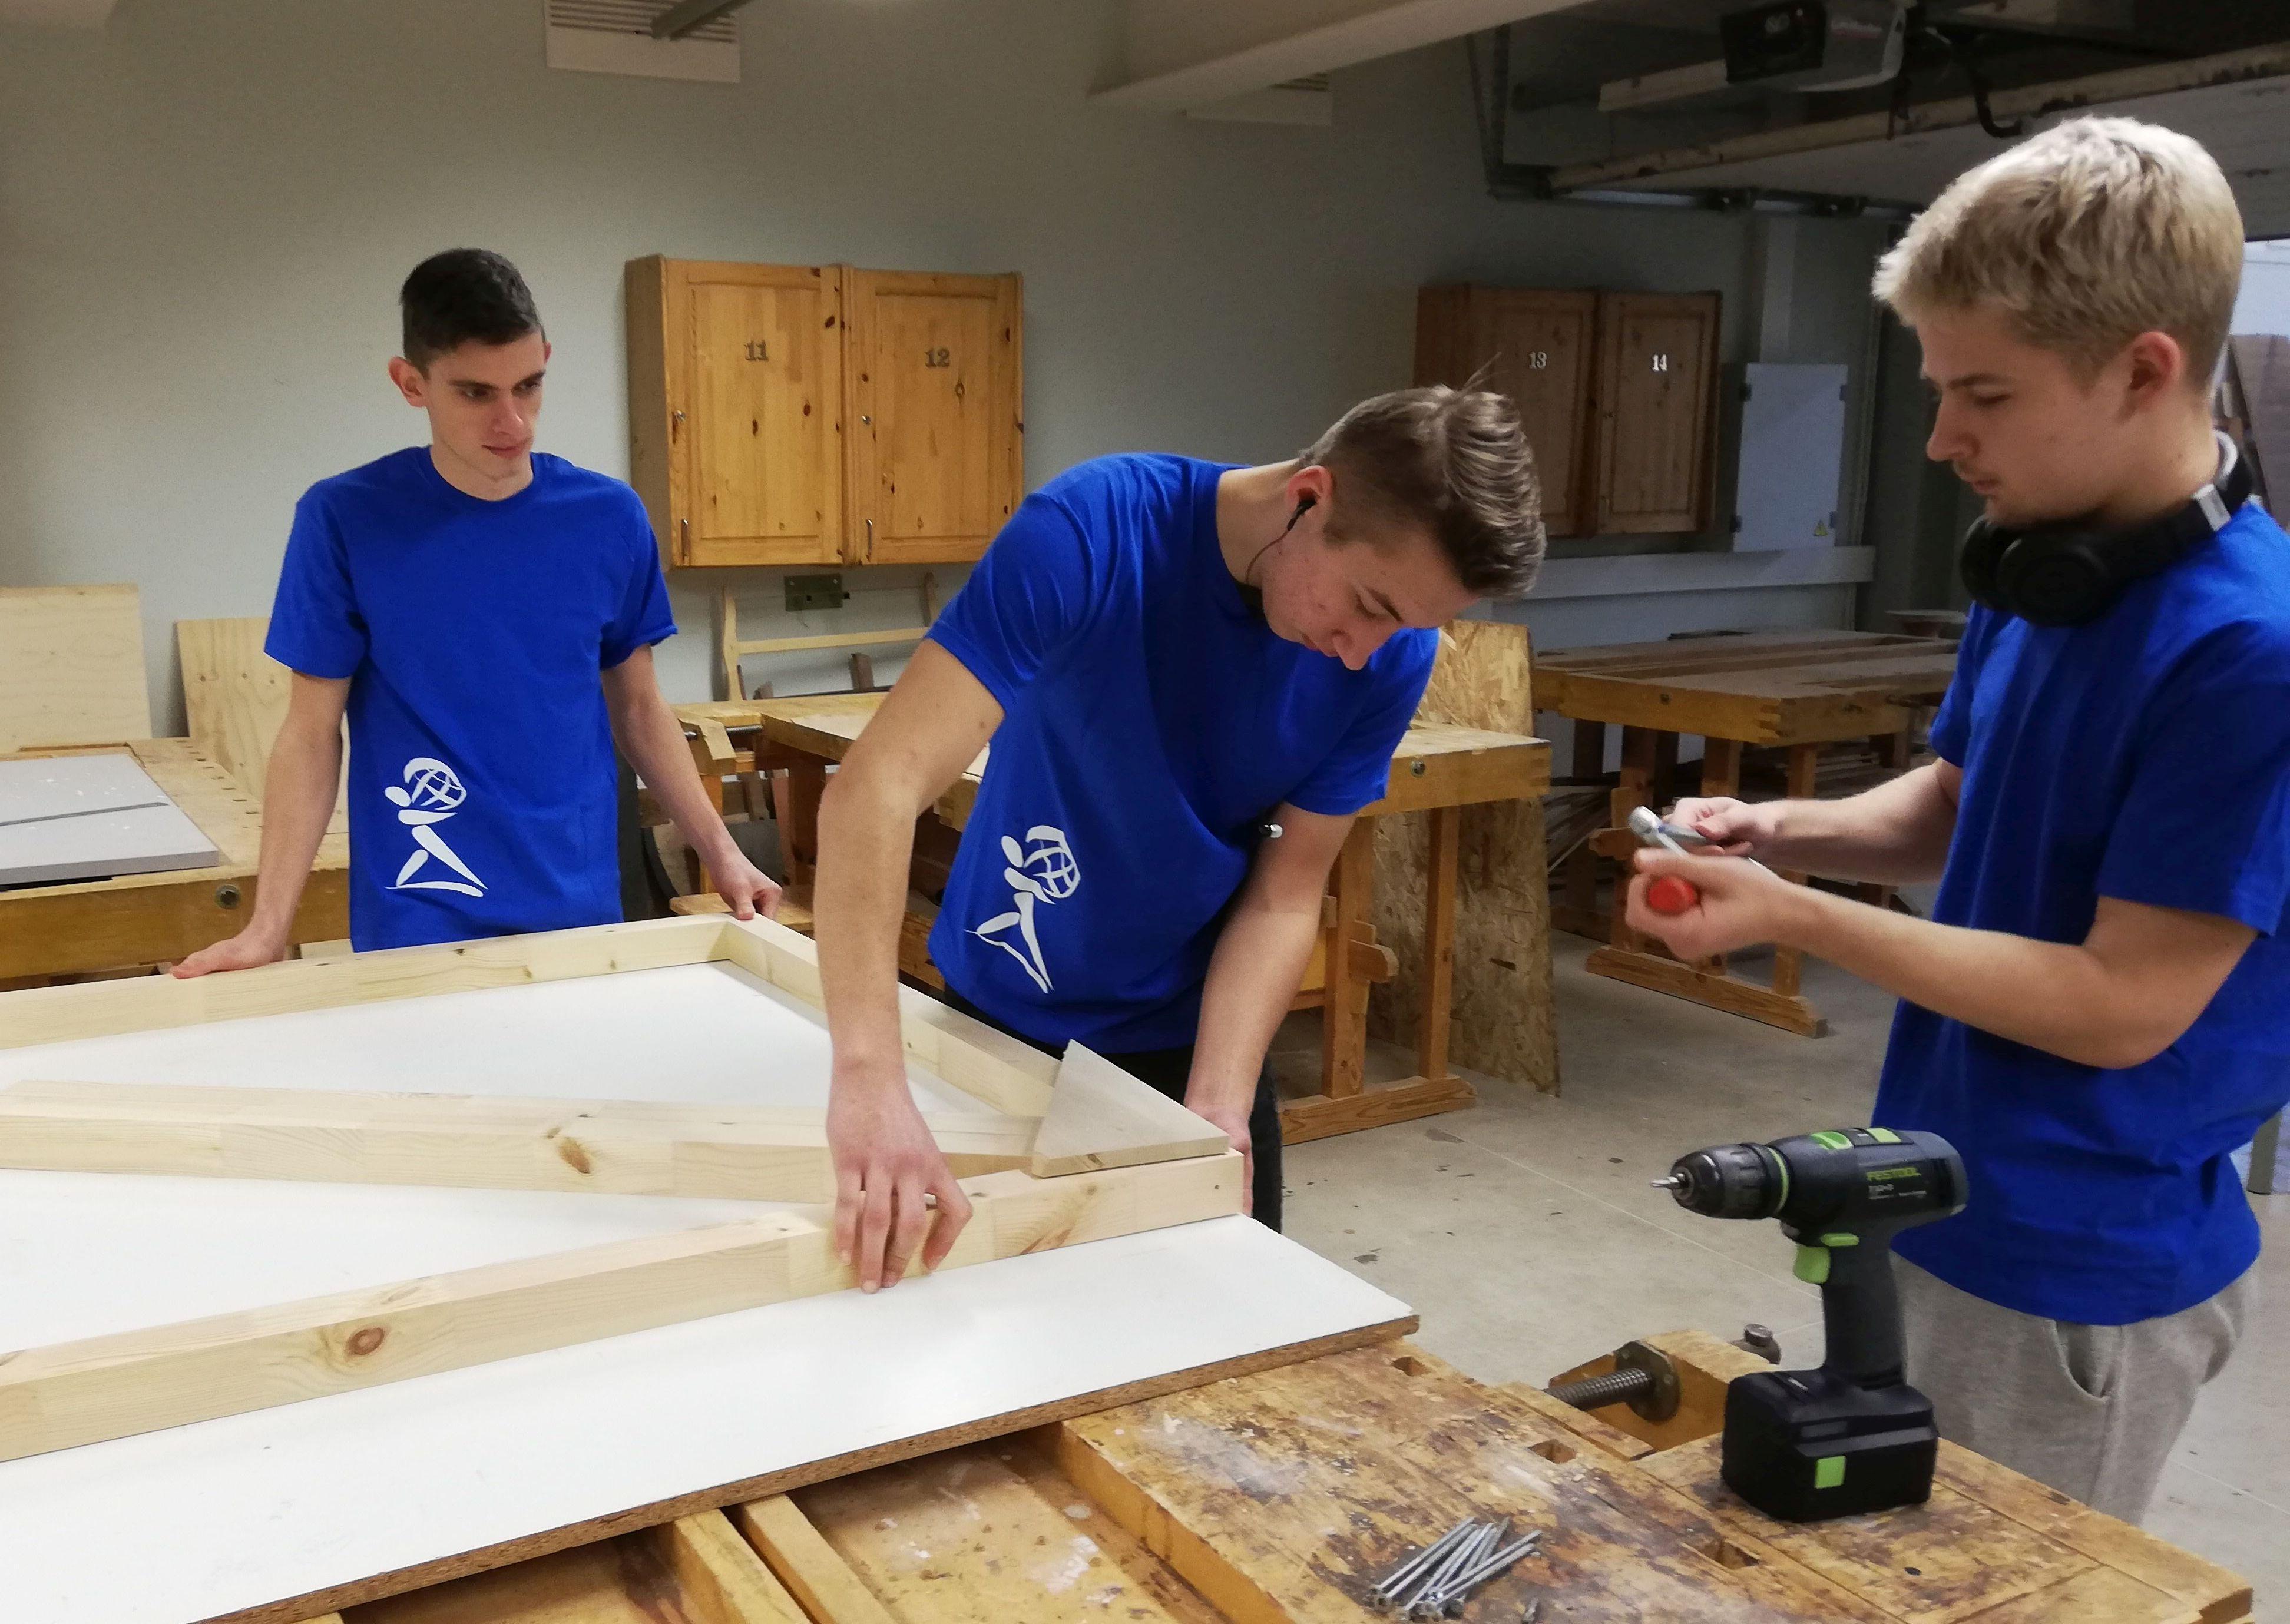 Õpilased koerakuuti ehitamas